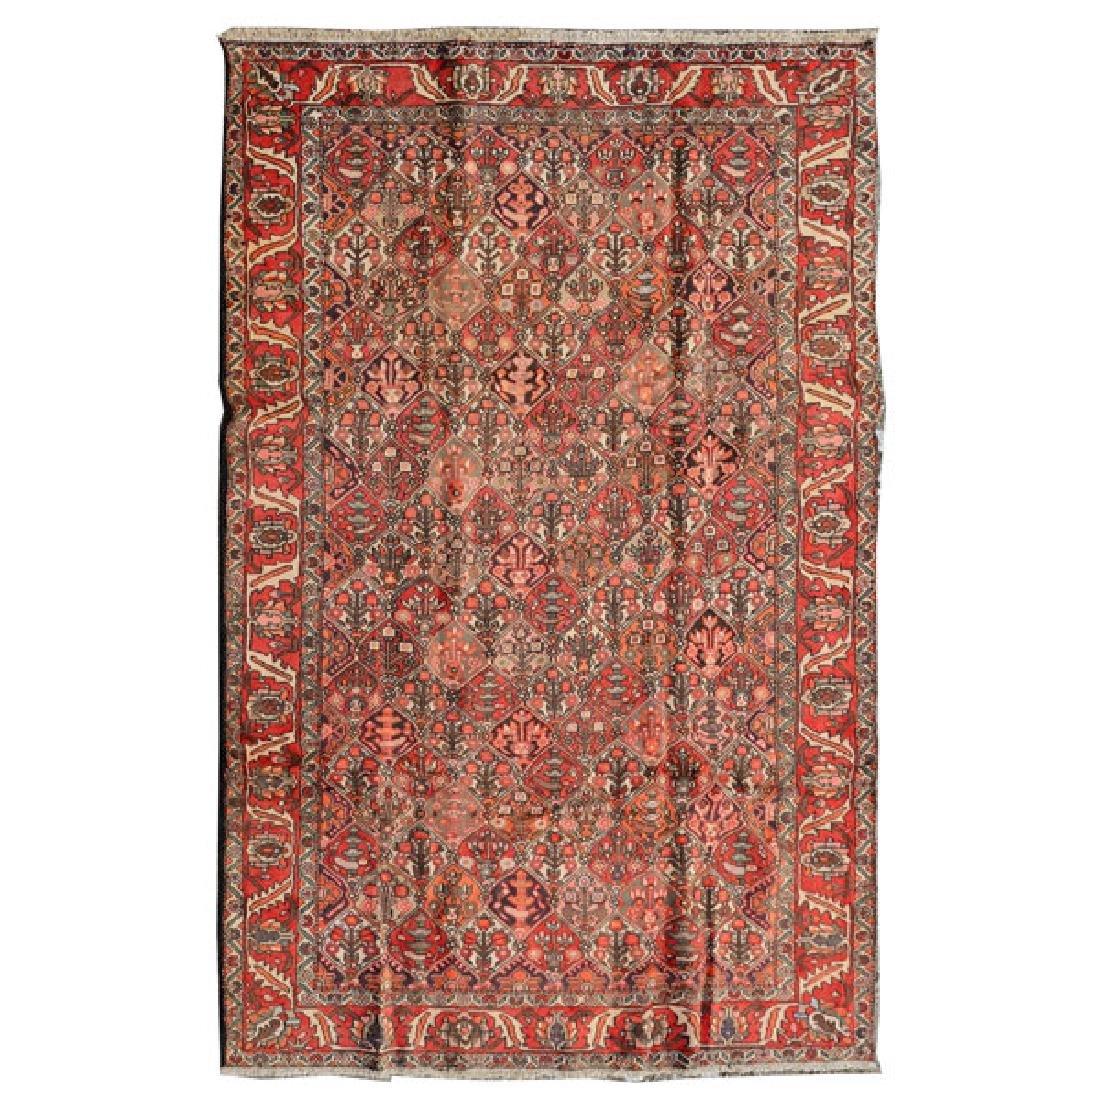 Bakhtiari Carpet: 6 feet 10 inches x 10 feet